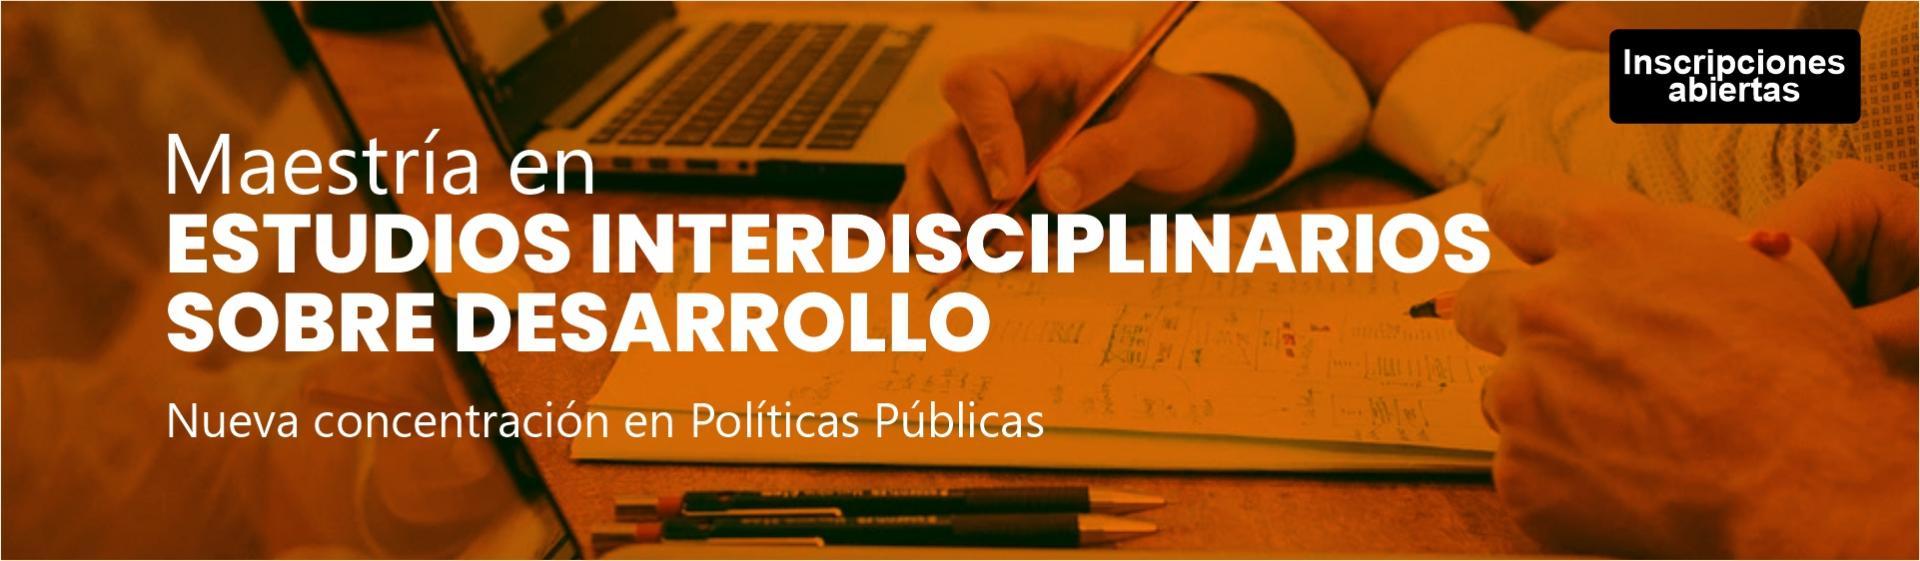 Maestría en Estudios Interdisciplinarios sobre Desarrollo- Cider   Uniandes